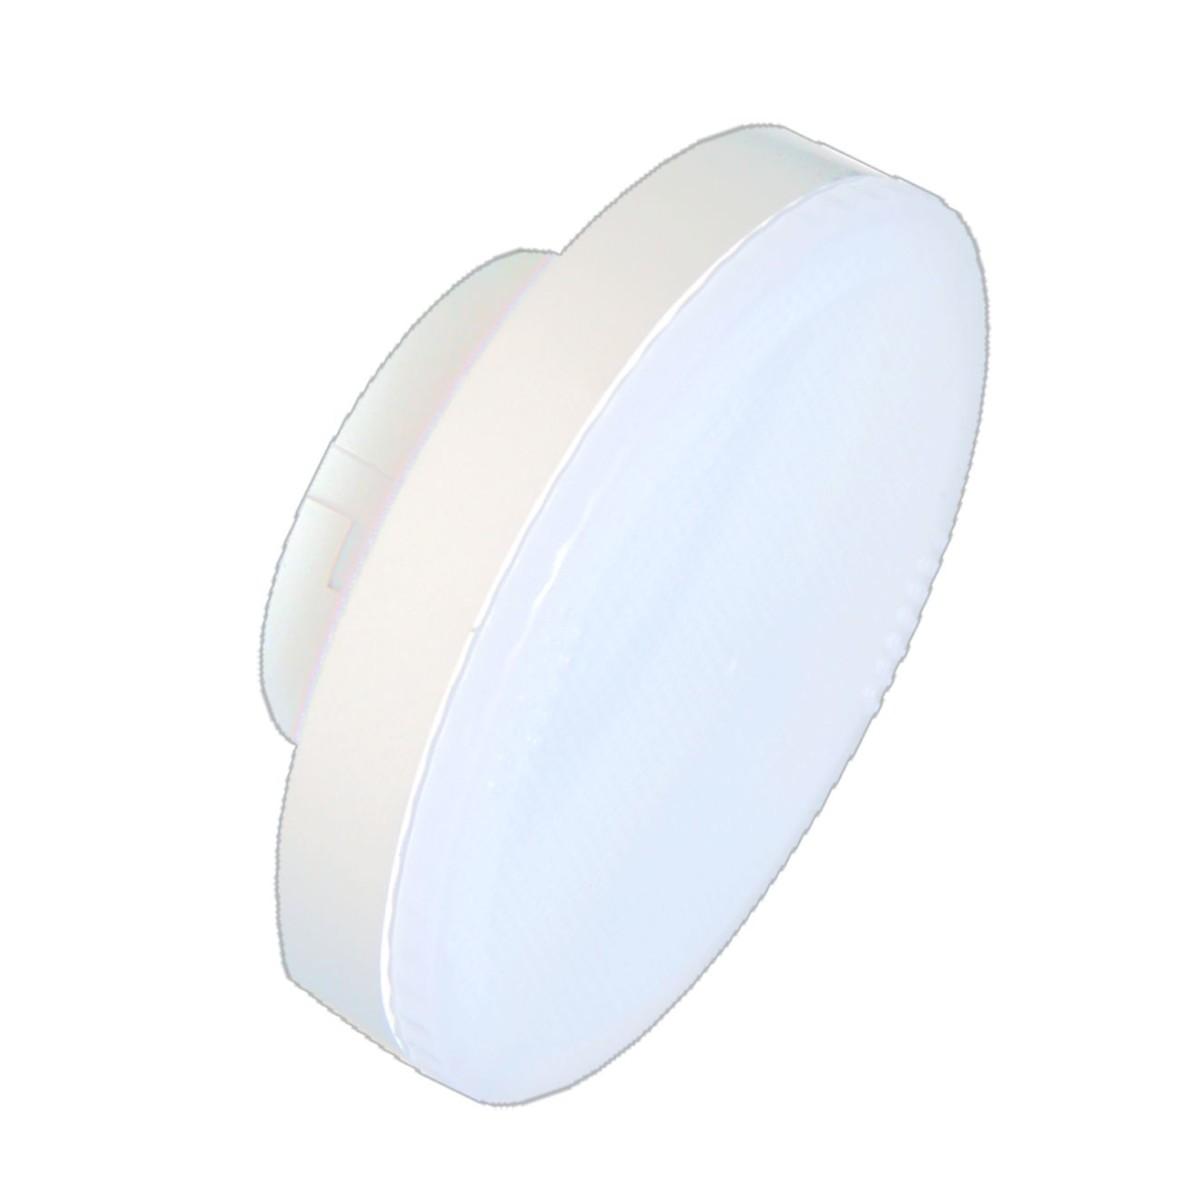 Лампа Ecola стандарт GX53 10 Вт таблетка 800 Лм нейтральный 10 шт